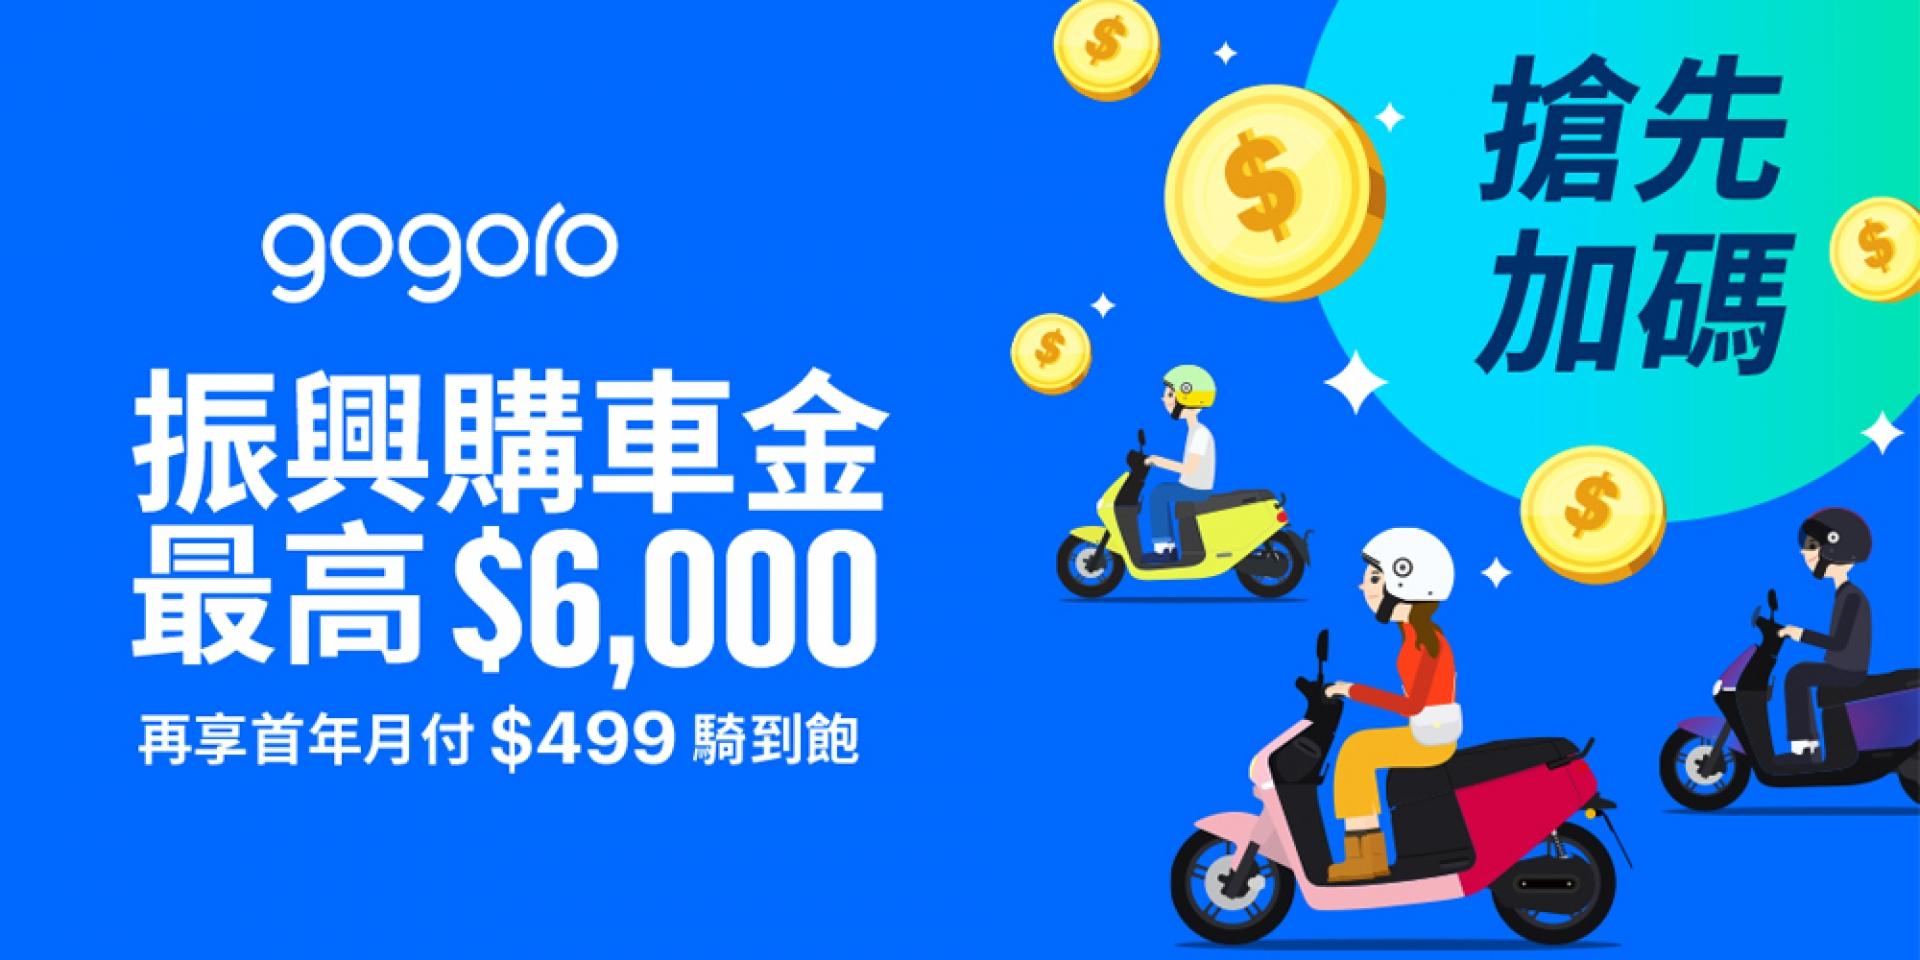 官方新聞稿。全民振興Gogoro響應!最高 6,000 元振興購車金,指定車款月付$299起騎到飽!